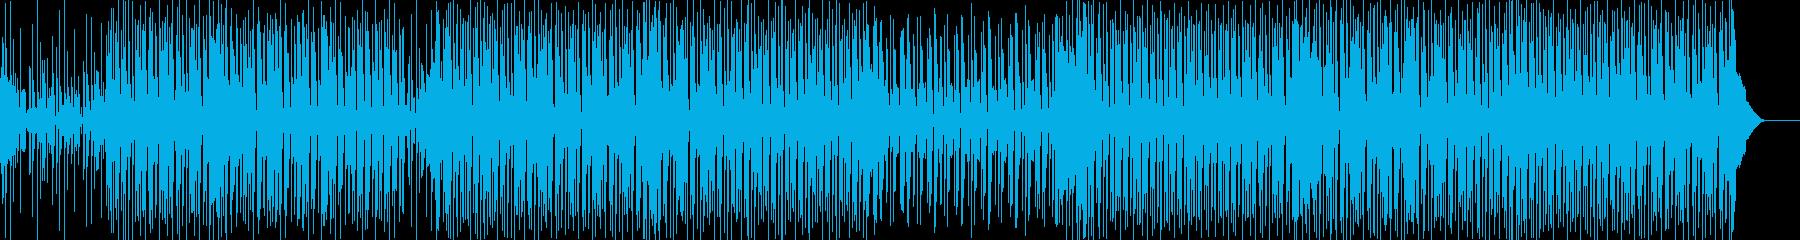 硬派スラップベース逆再生ヒップホップの再生済みの波形